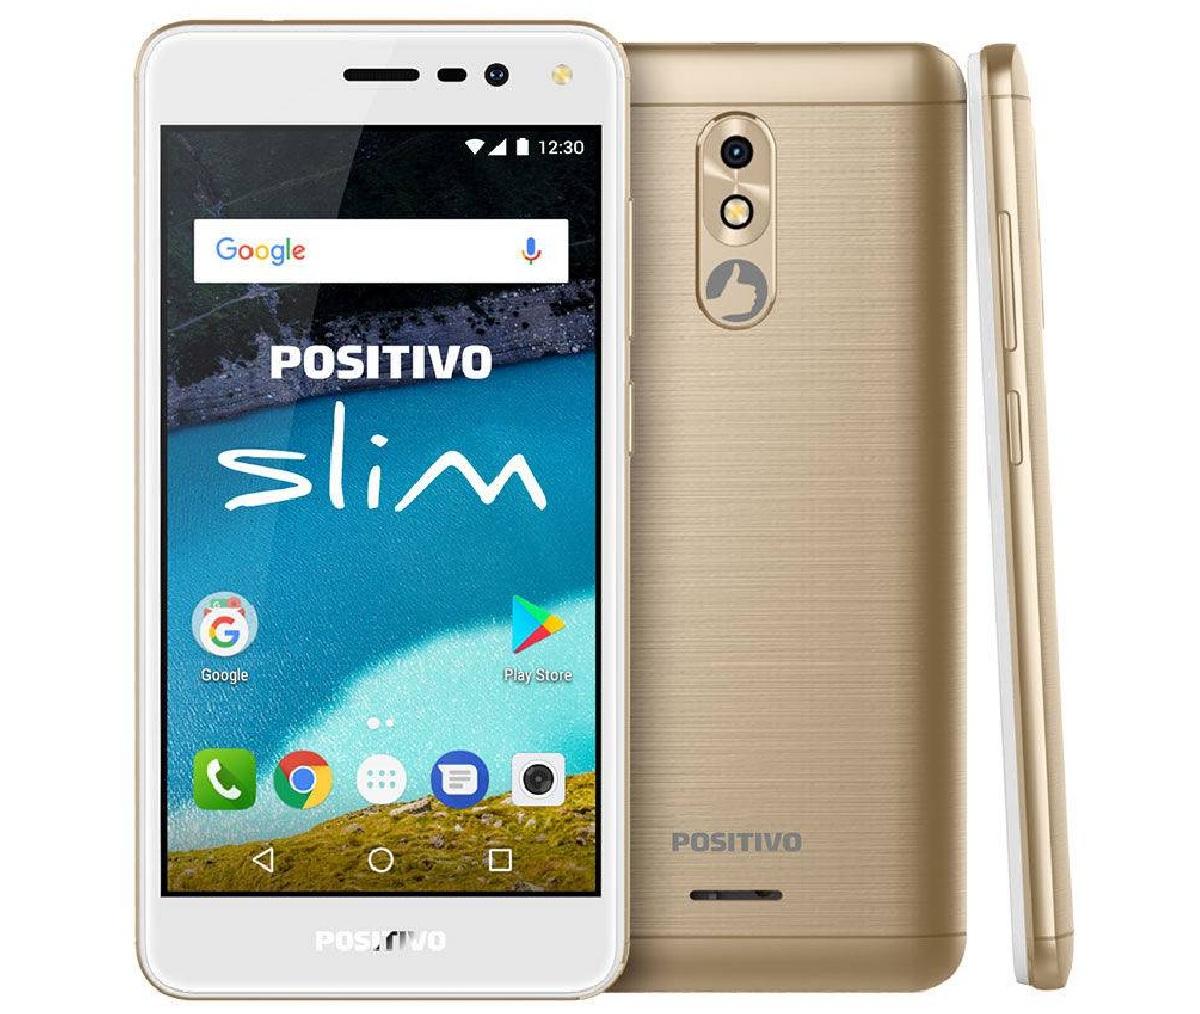 Smartphone Celular S510 Slim Dourado Android 7.0 - Positivo